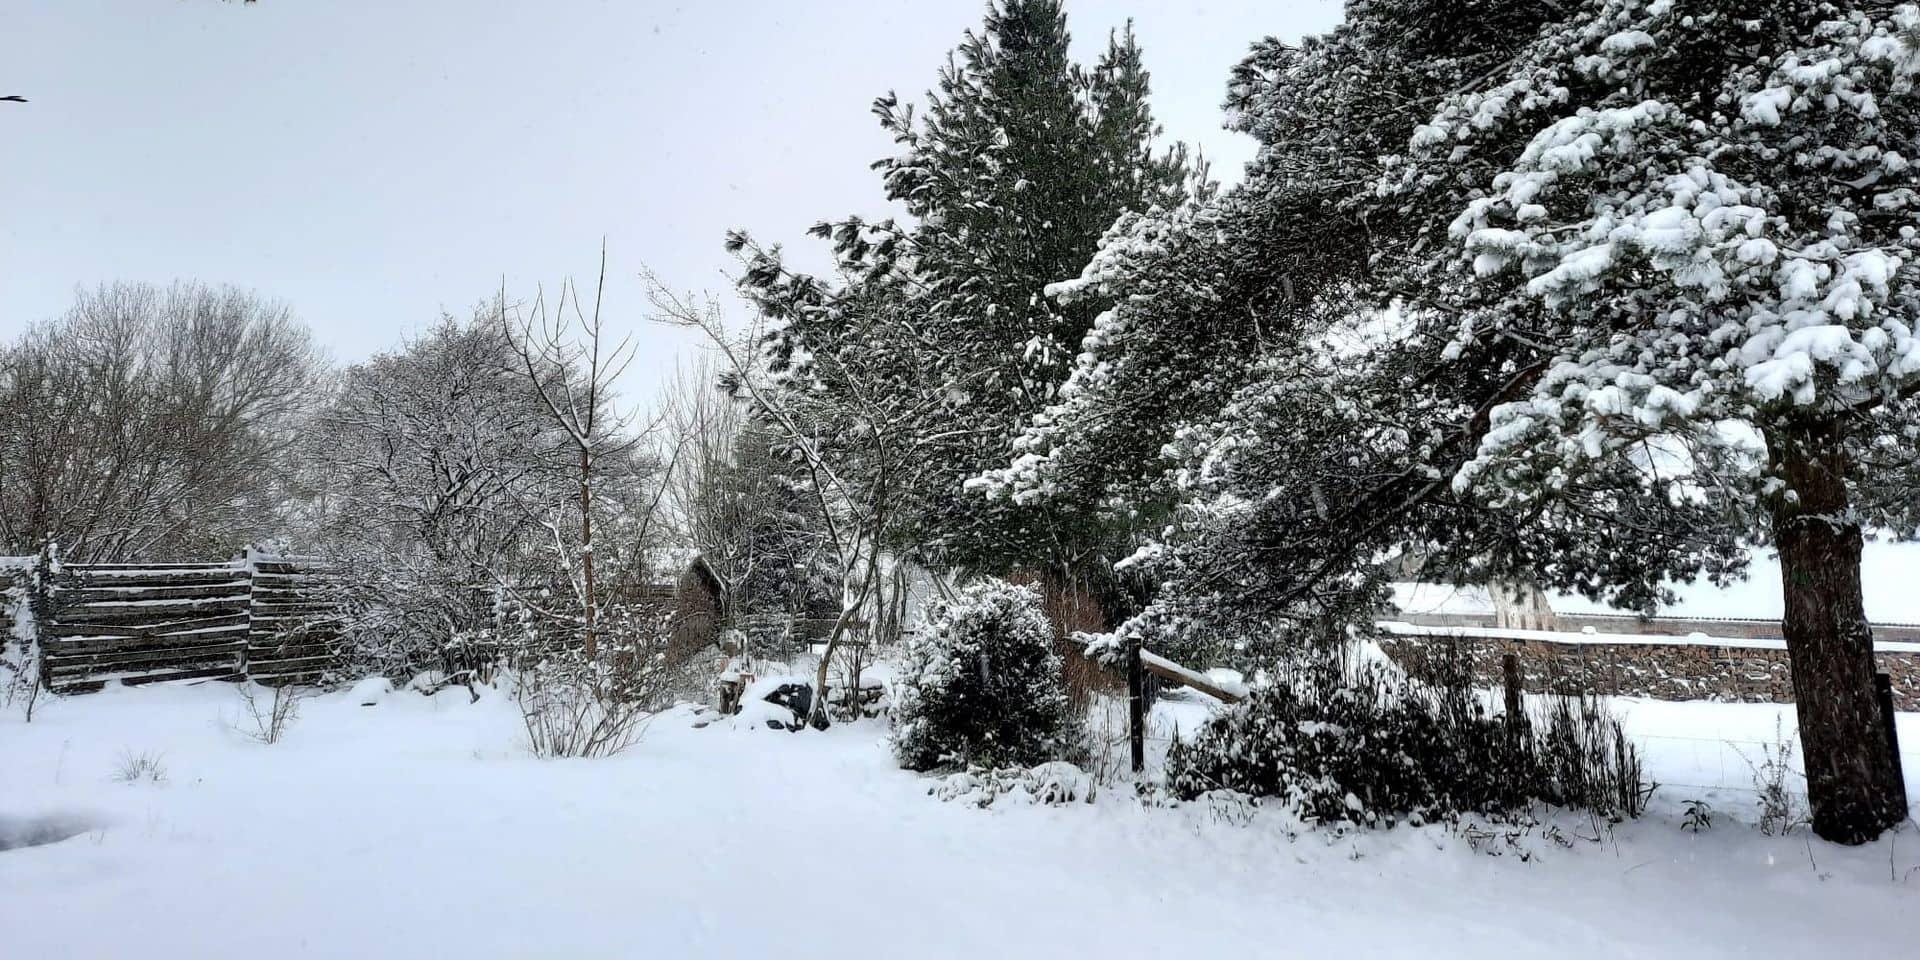 Baraque de Fraiture: 10 à 15 cm de neige, mais pas d'ouverture des pistes de ski